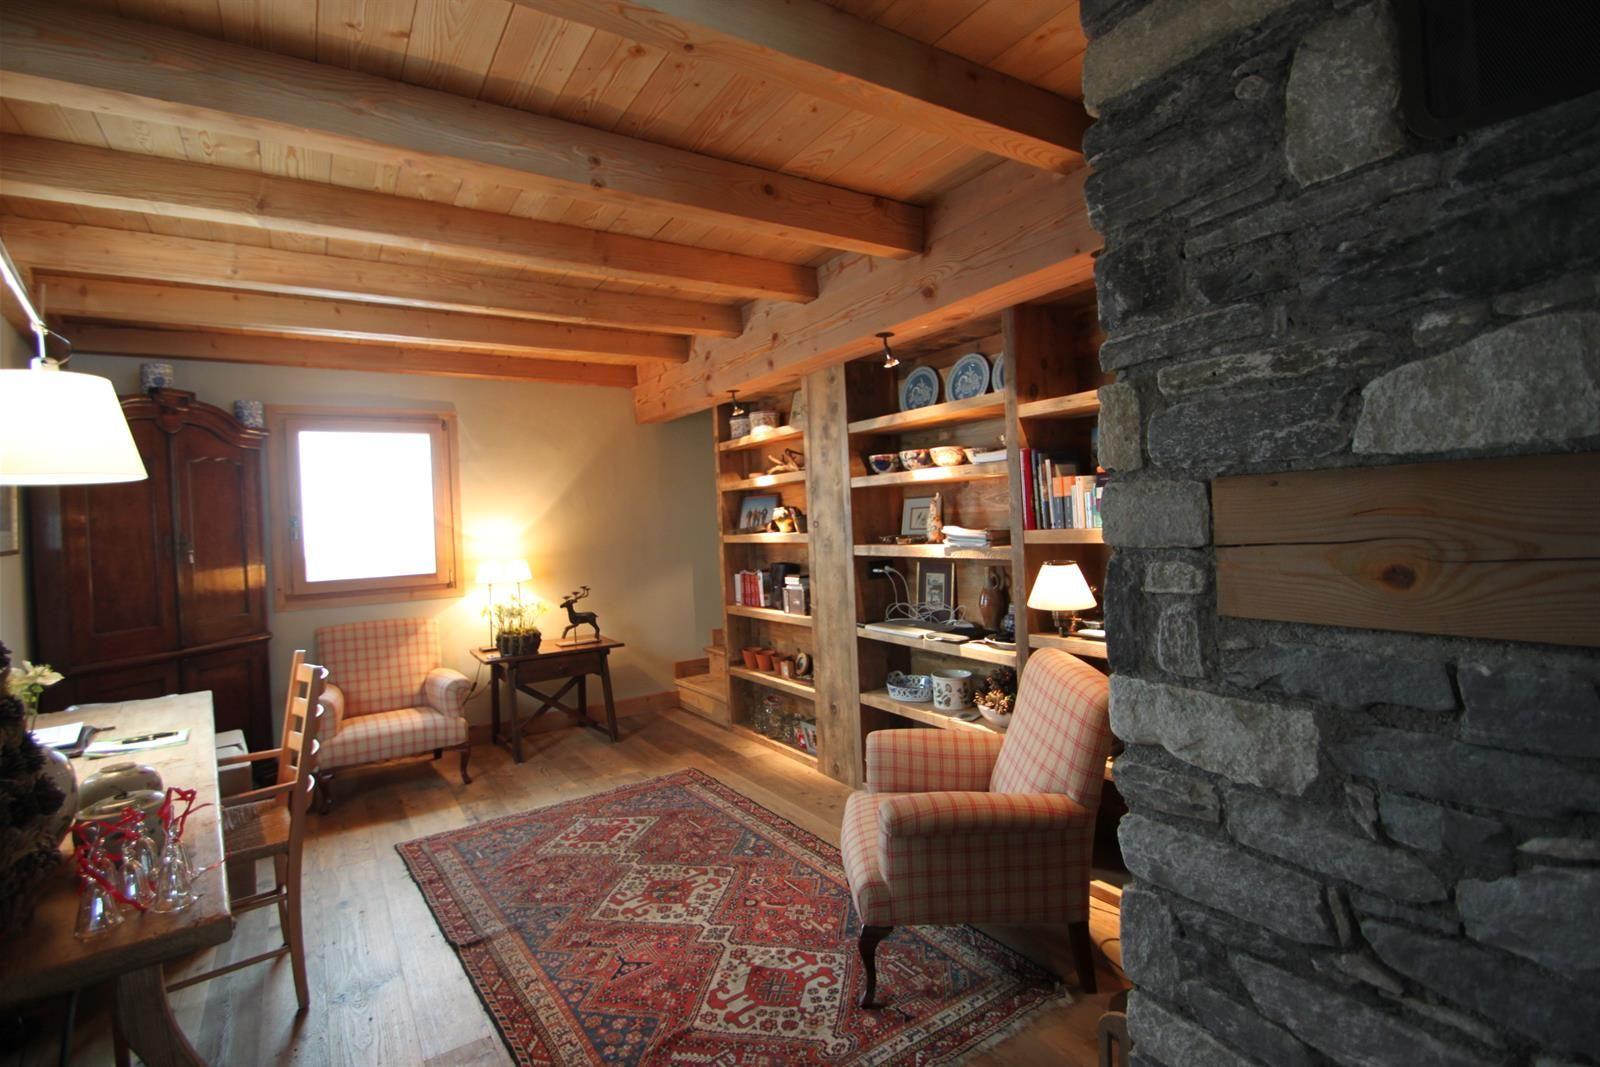 Grande pice bureau avec fauteuil et bibliothque Tapis de style